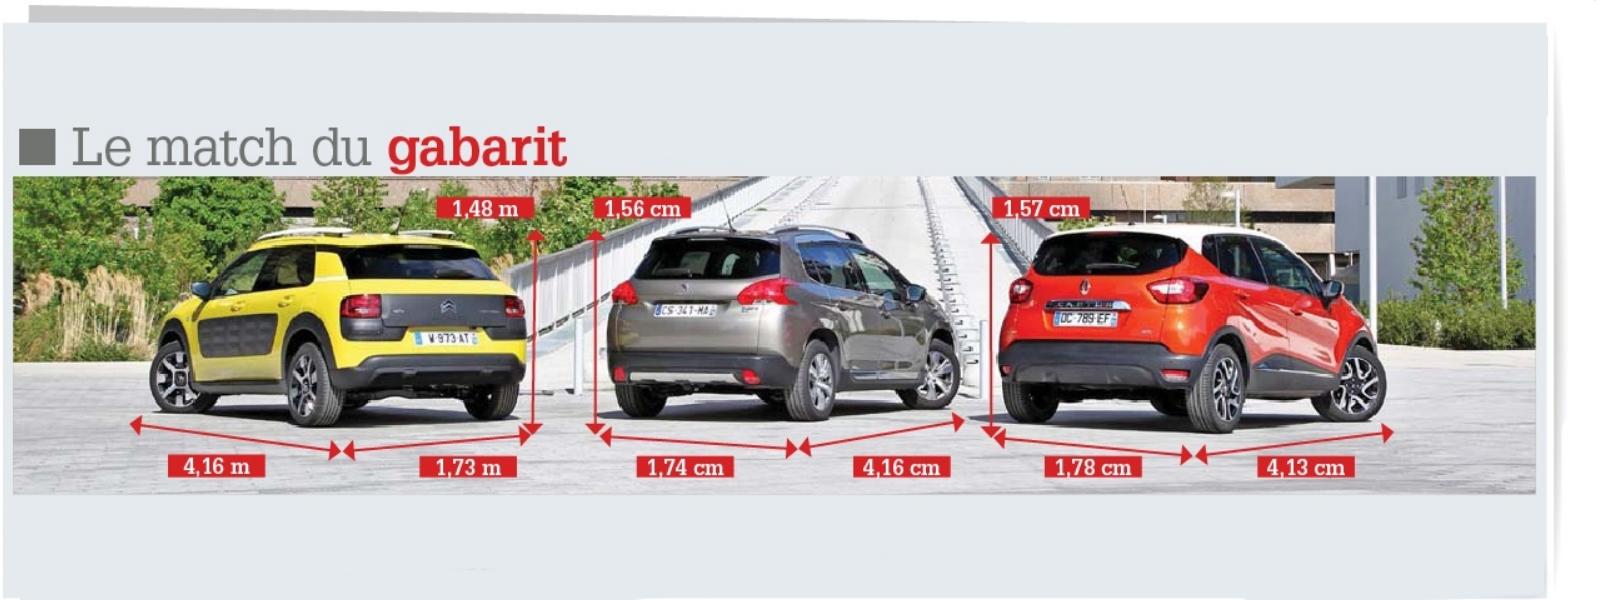 2014 - [Citroën] C4 Cactus [E3] - Page 39 344123cact